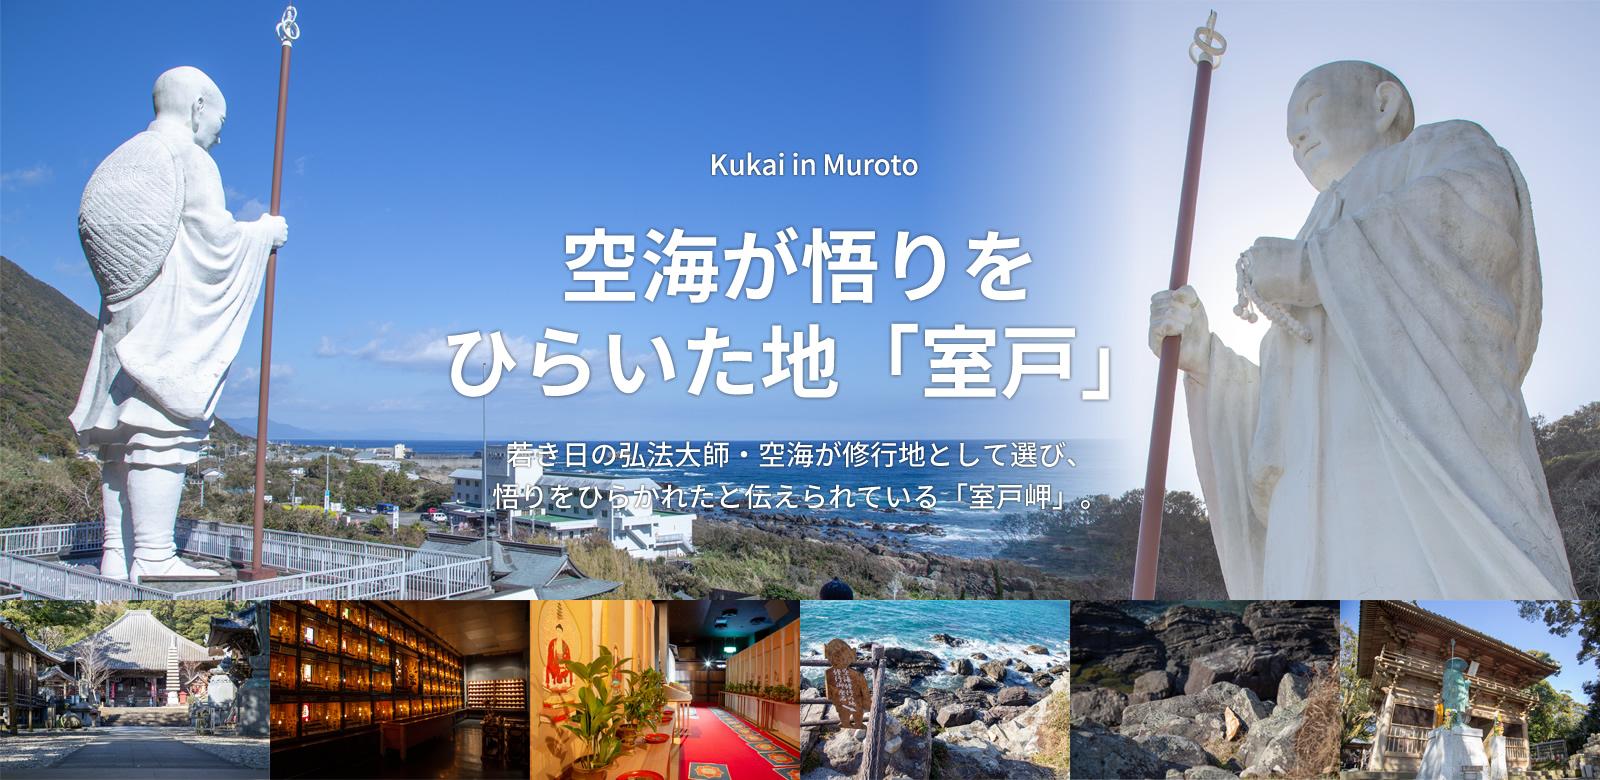 若き日の弘法大師・空海が修行地として選び、悟りをひらかれたと伝えられている「室戸岬」